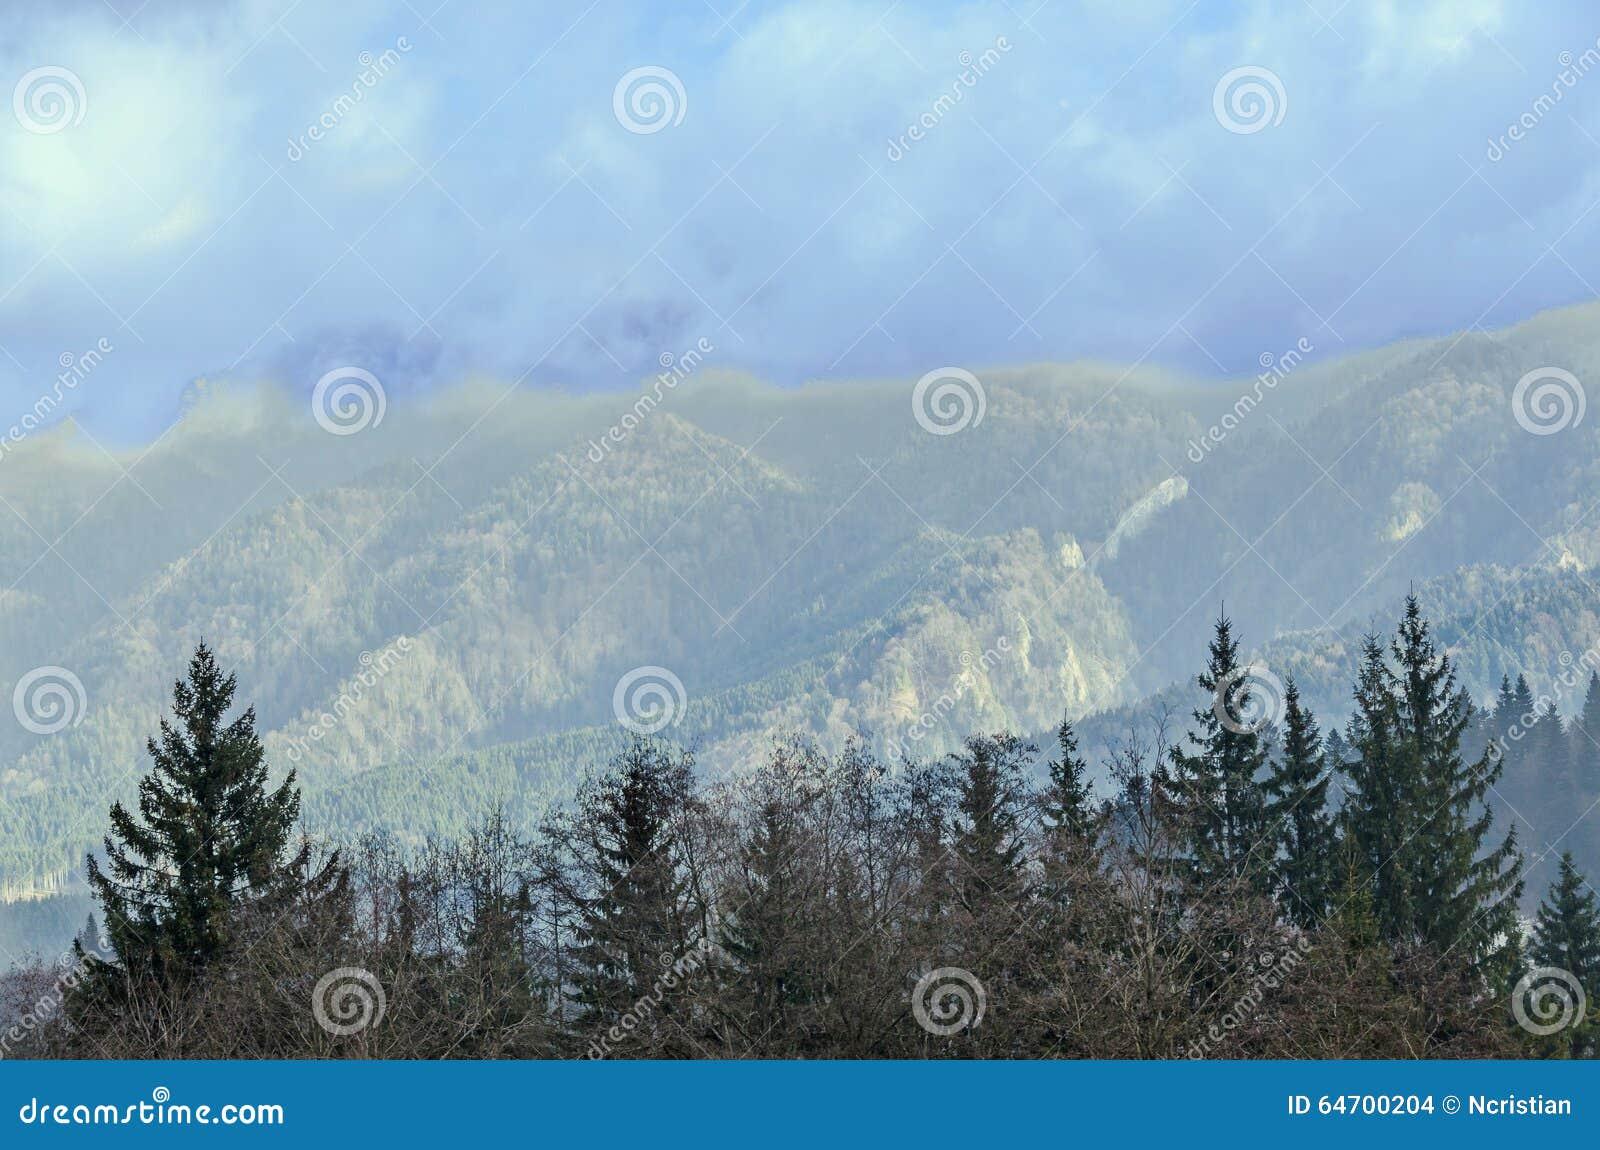 Die Karpatenberge mit Kiefernwald, farbige Bäume, bewölkter vibrierender Himmel, Herbstwinter-Zeit Predeal, Rumänien